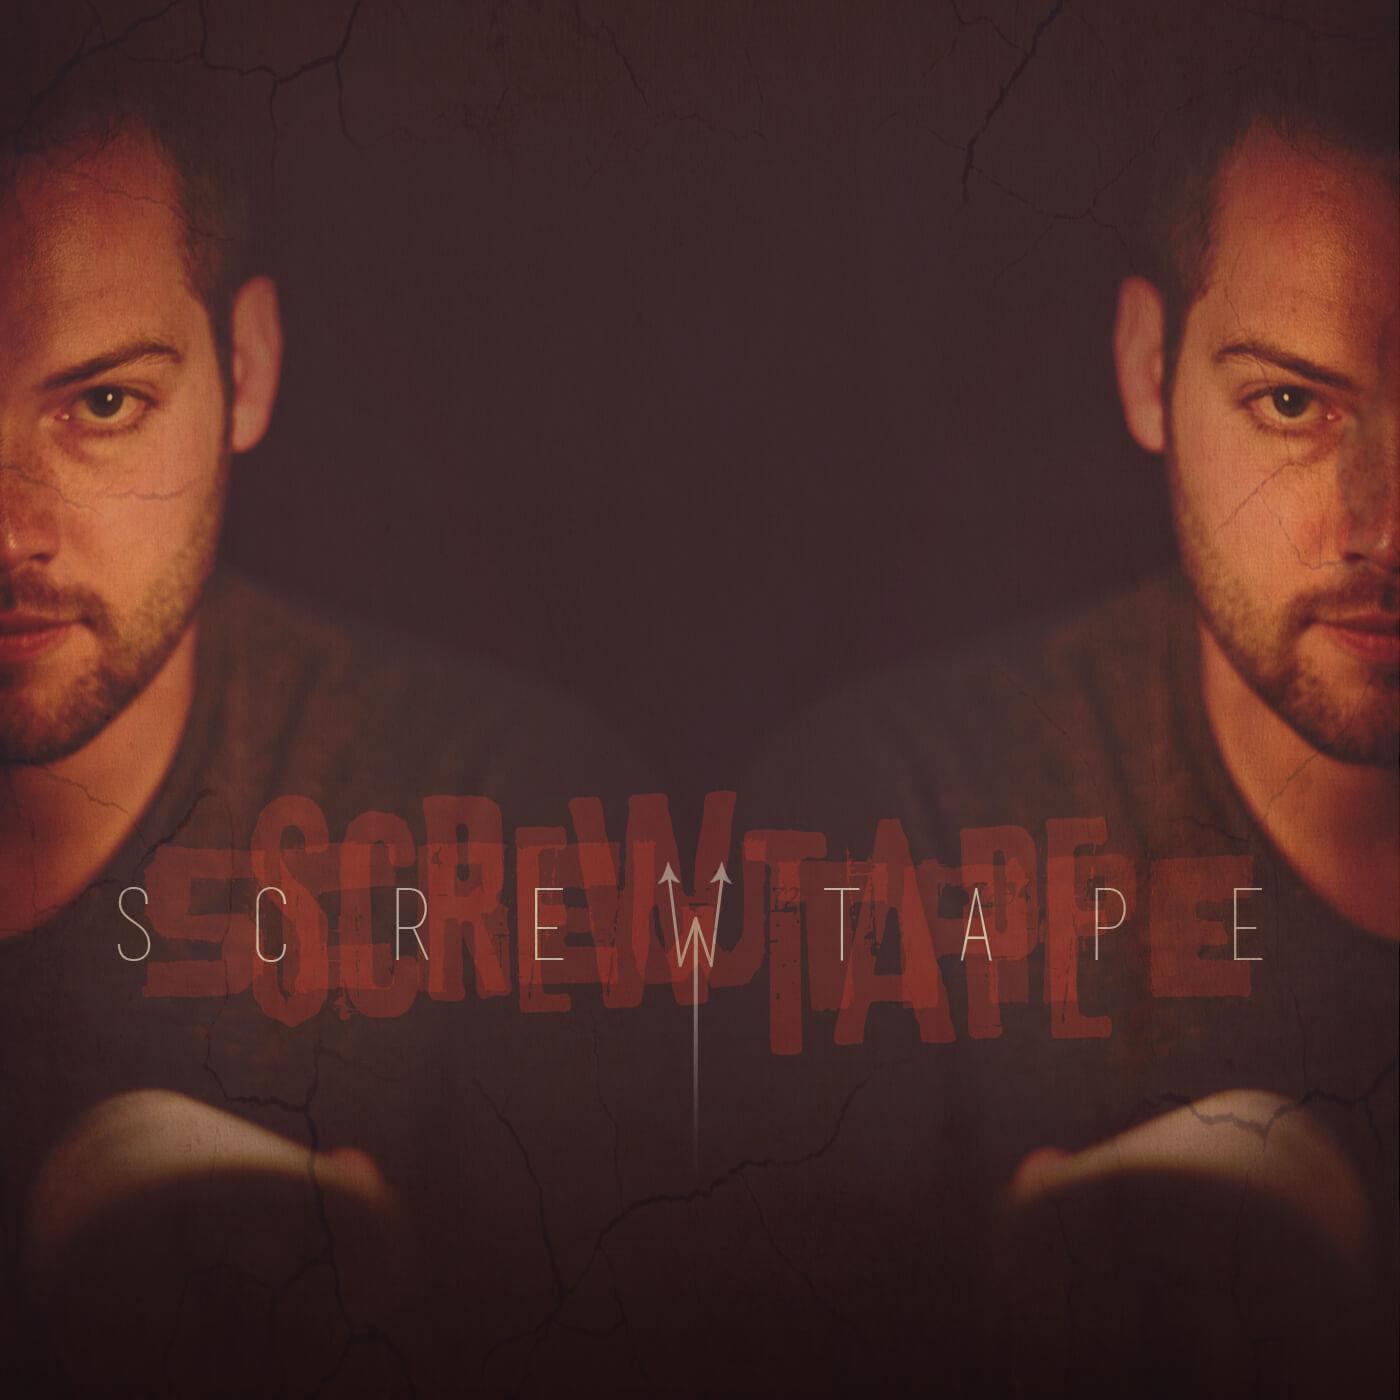 Tyler Stenson - Screwtape